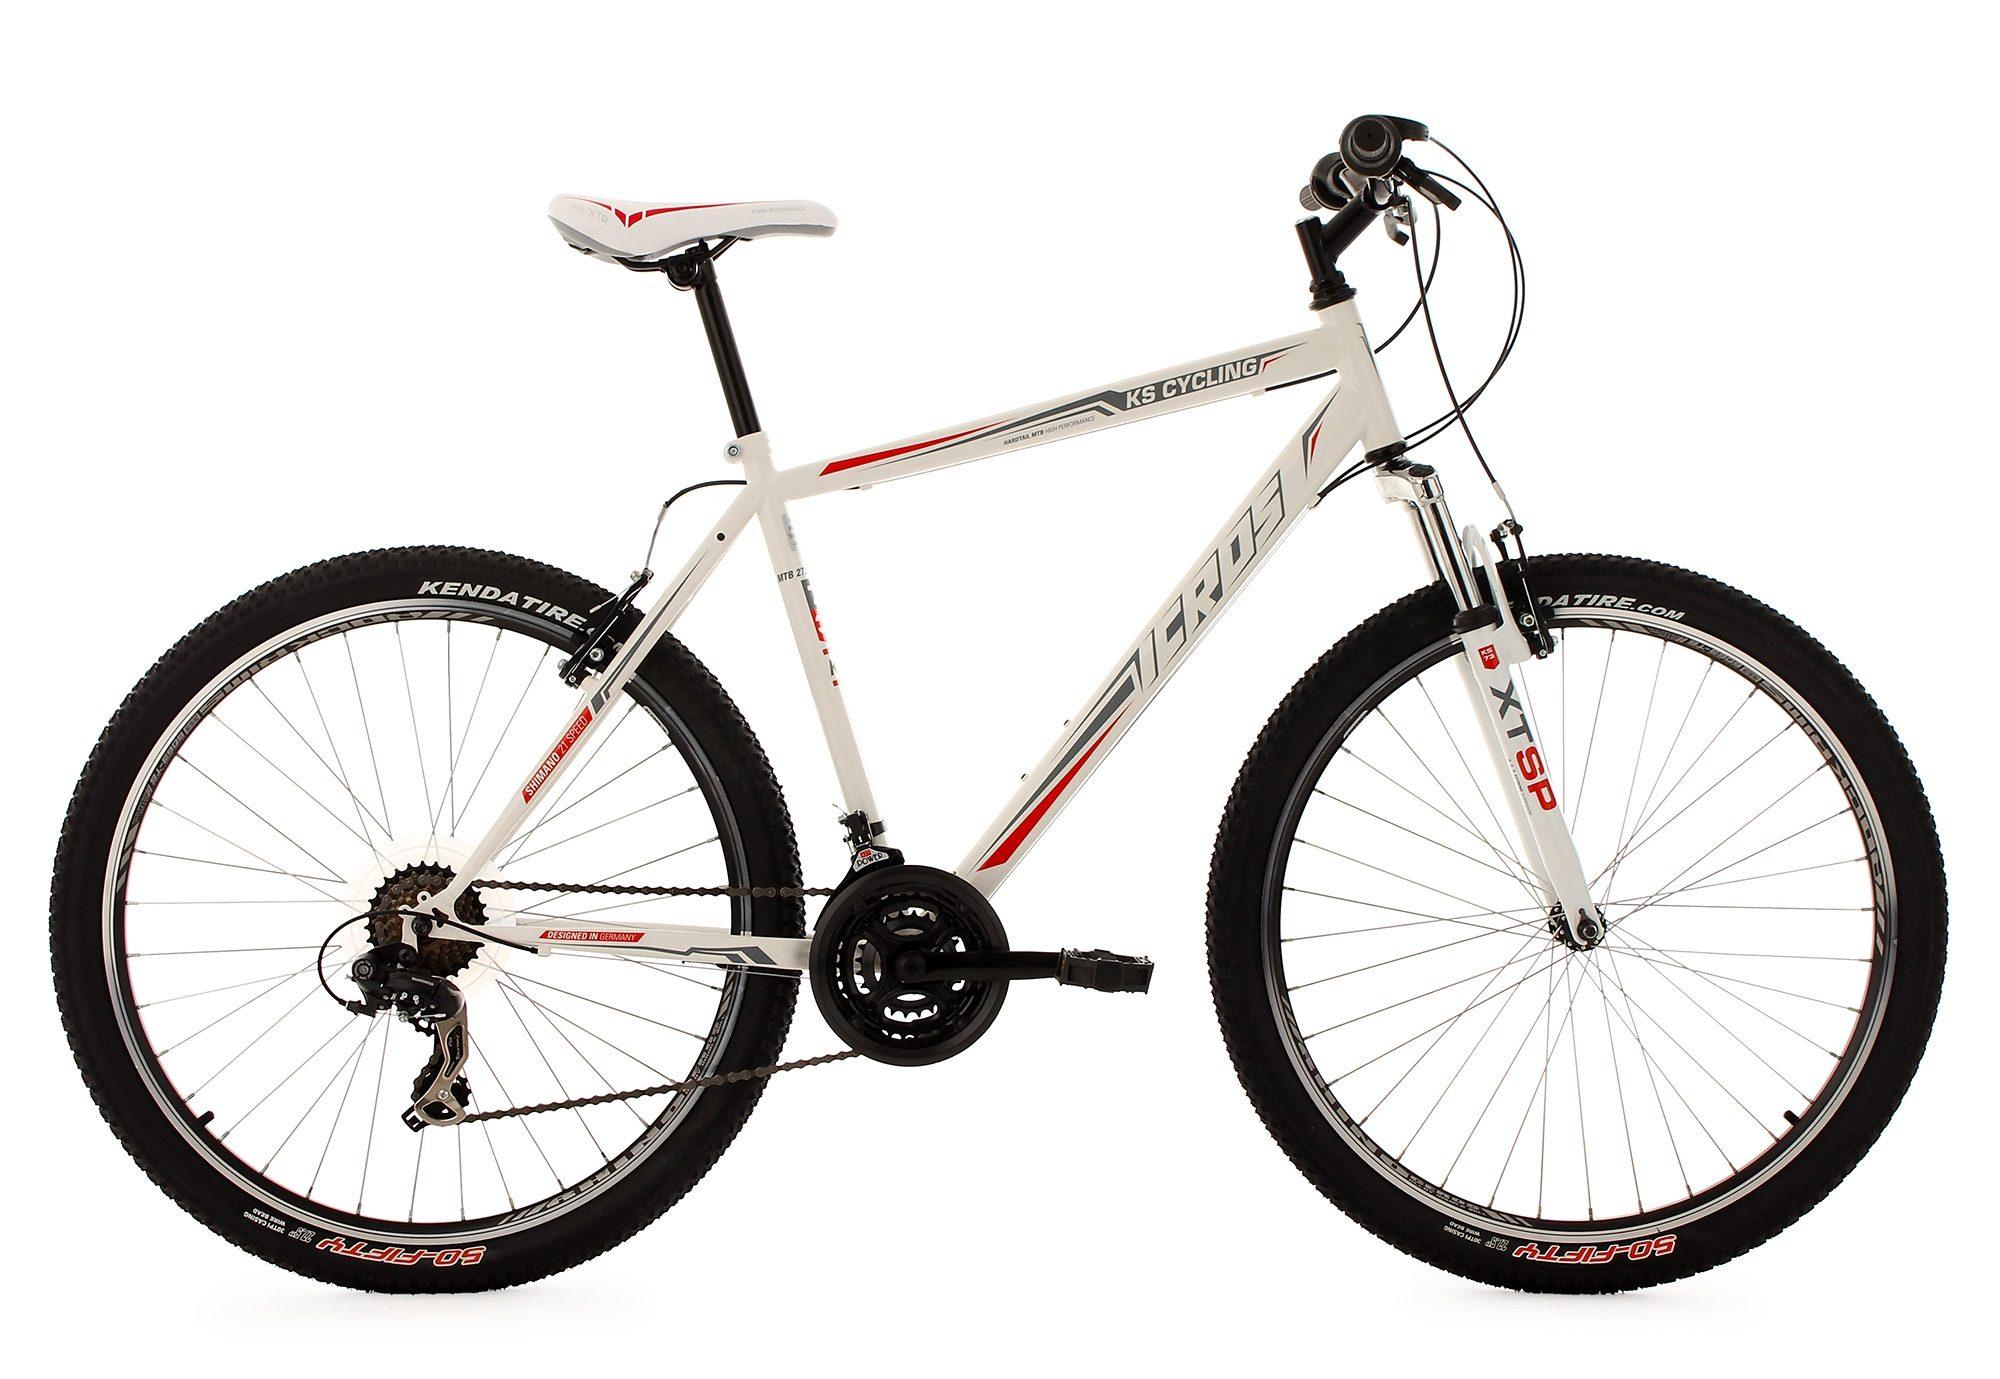 KS Cycling Hardtail-Mountainbike, 27,5 Zoll, weiß-rot, 21 Gang-Kettenschaltung, »Icros«